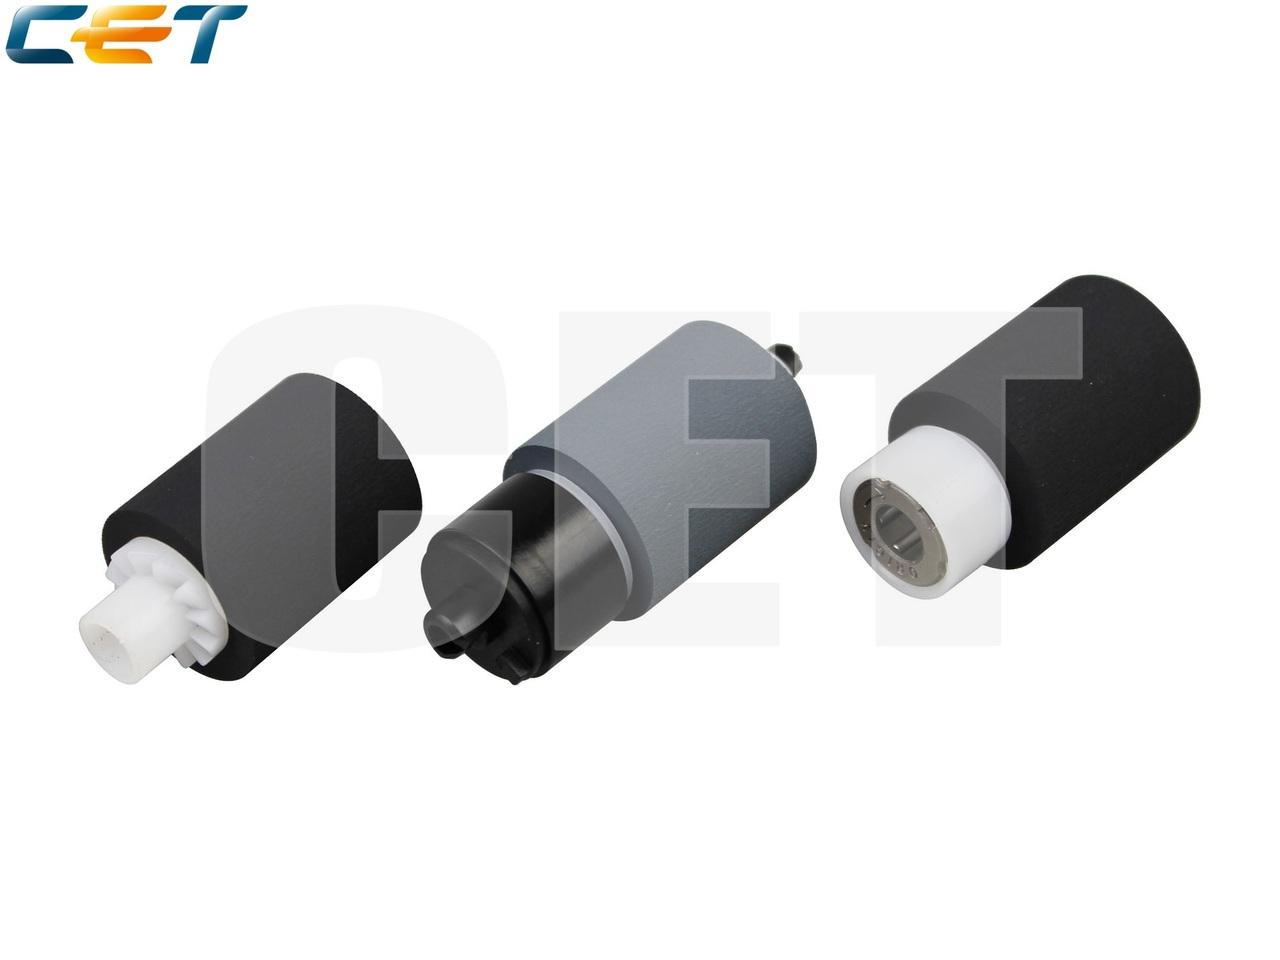 Комплект роликов 2BR06521, 2F906230, 2F906240 дляKYOCERAFS-1028/1128MFP/1030MFP/1130MFP/1035MFP/1135MFP/1100/1300D (CET), CET8090